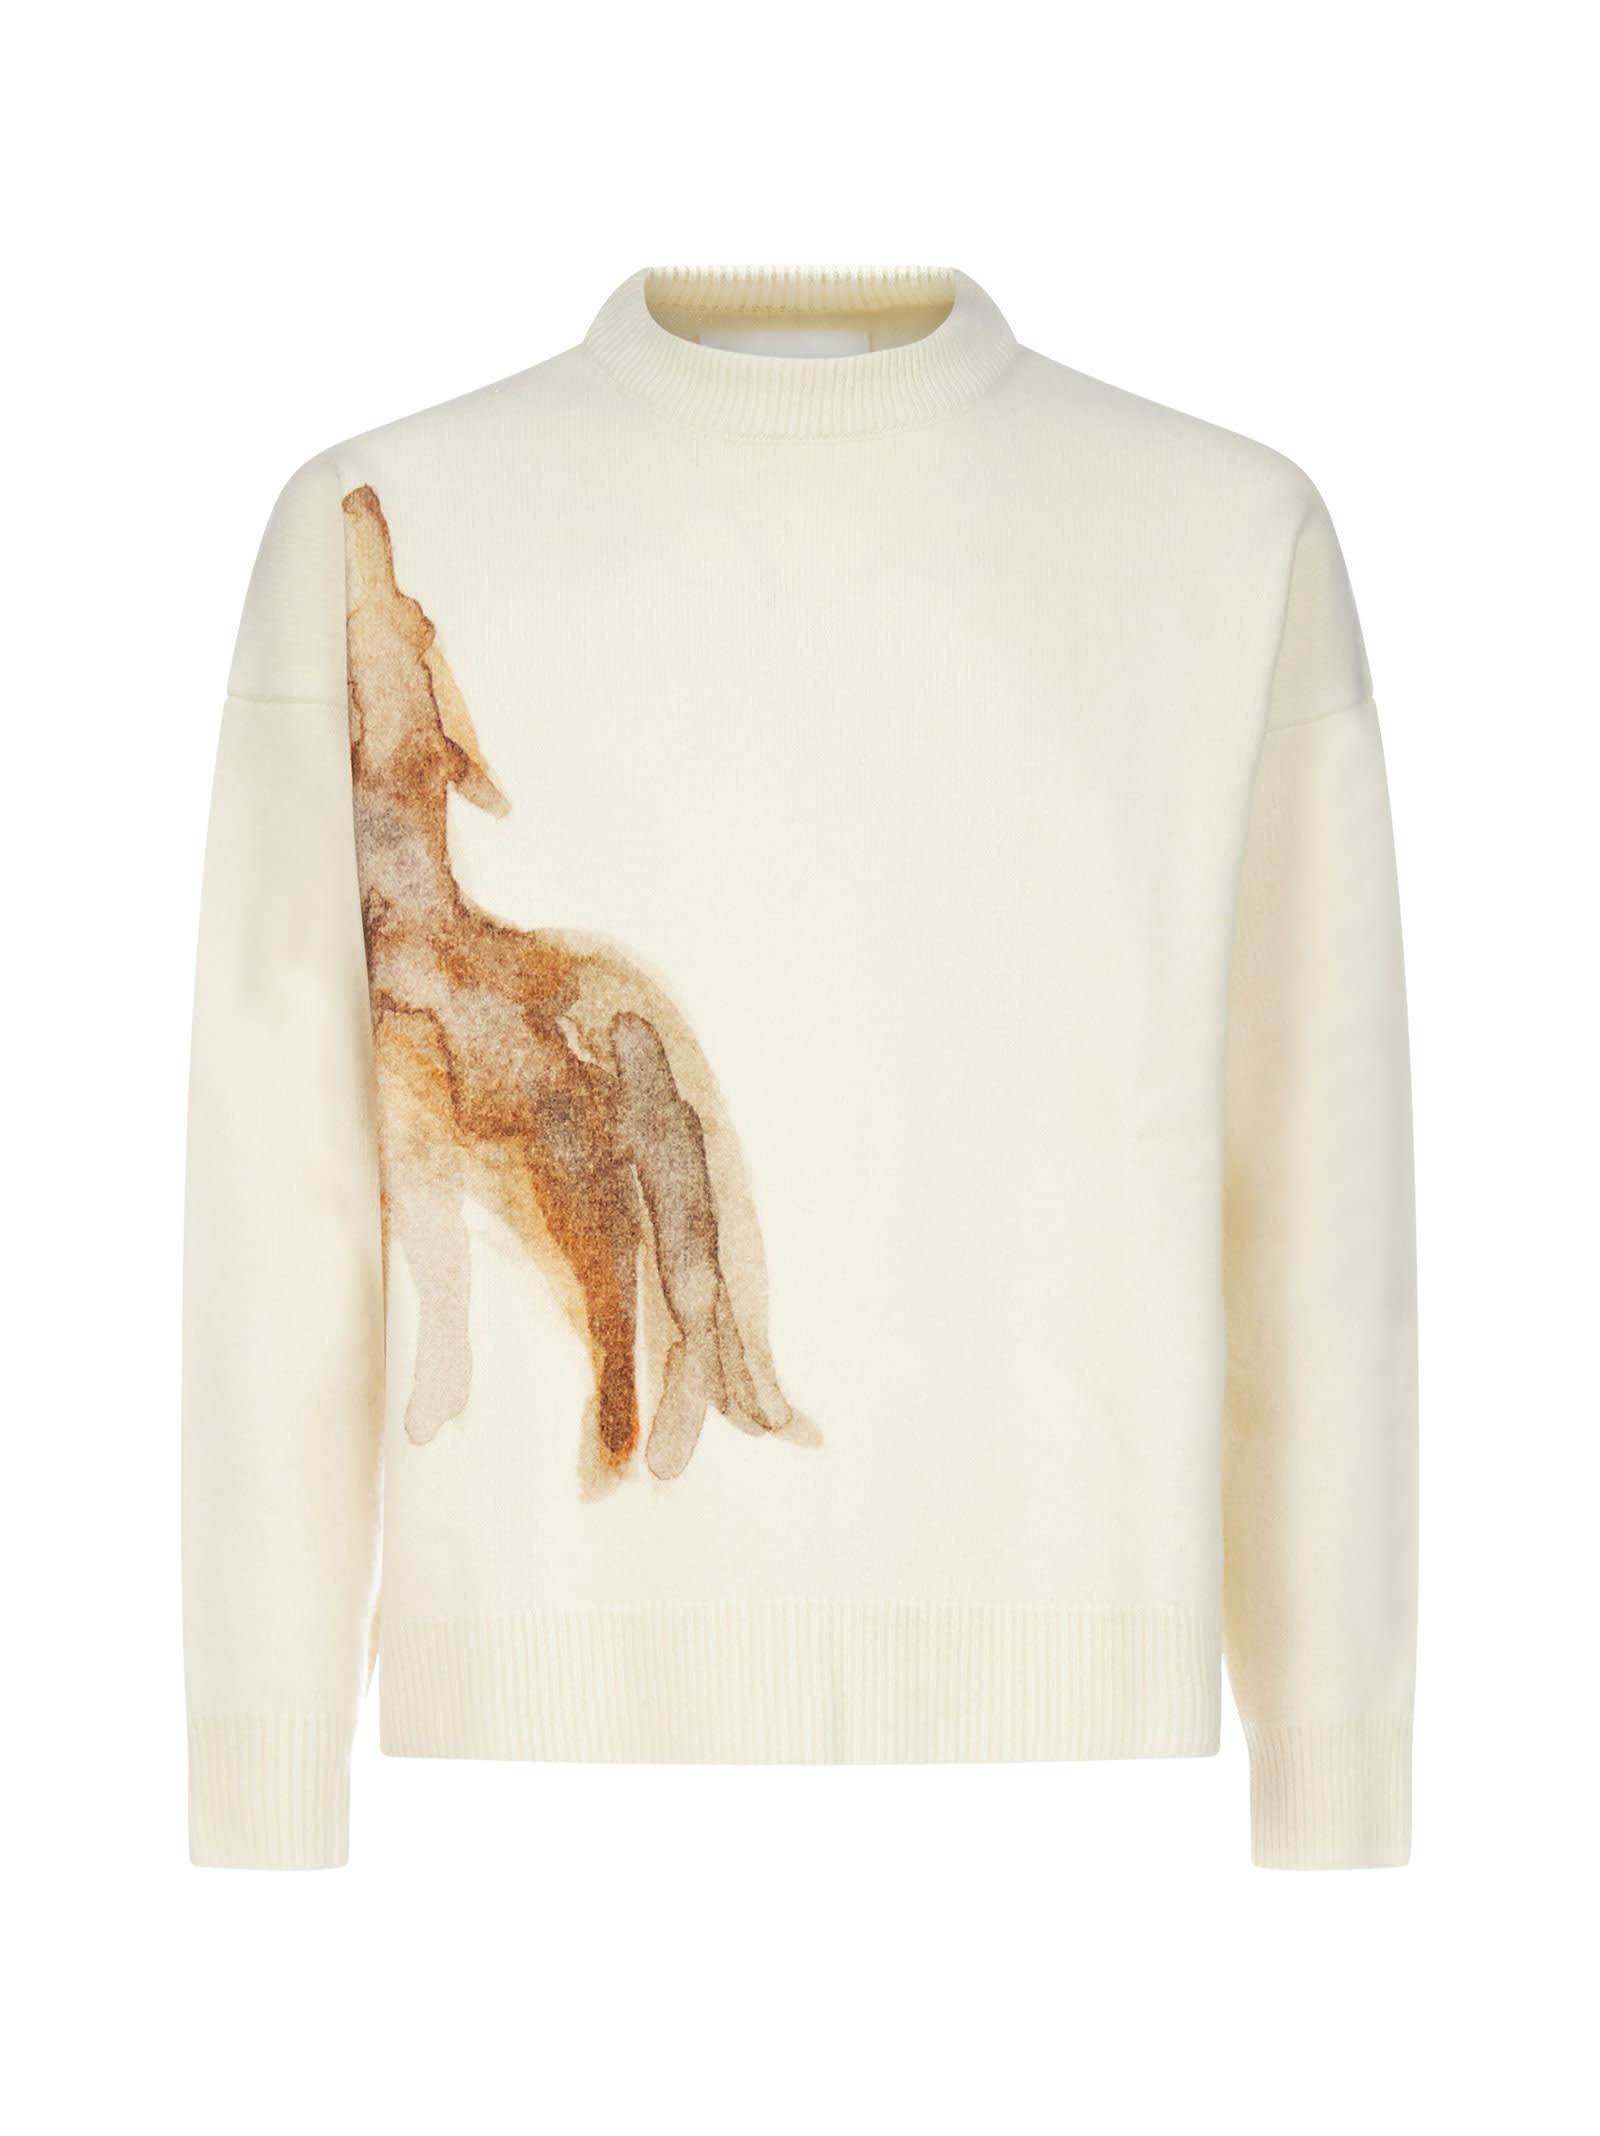 Jil Sander Coyote Print Virgin Wool Sweater